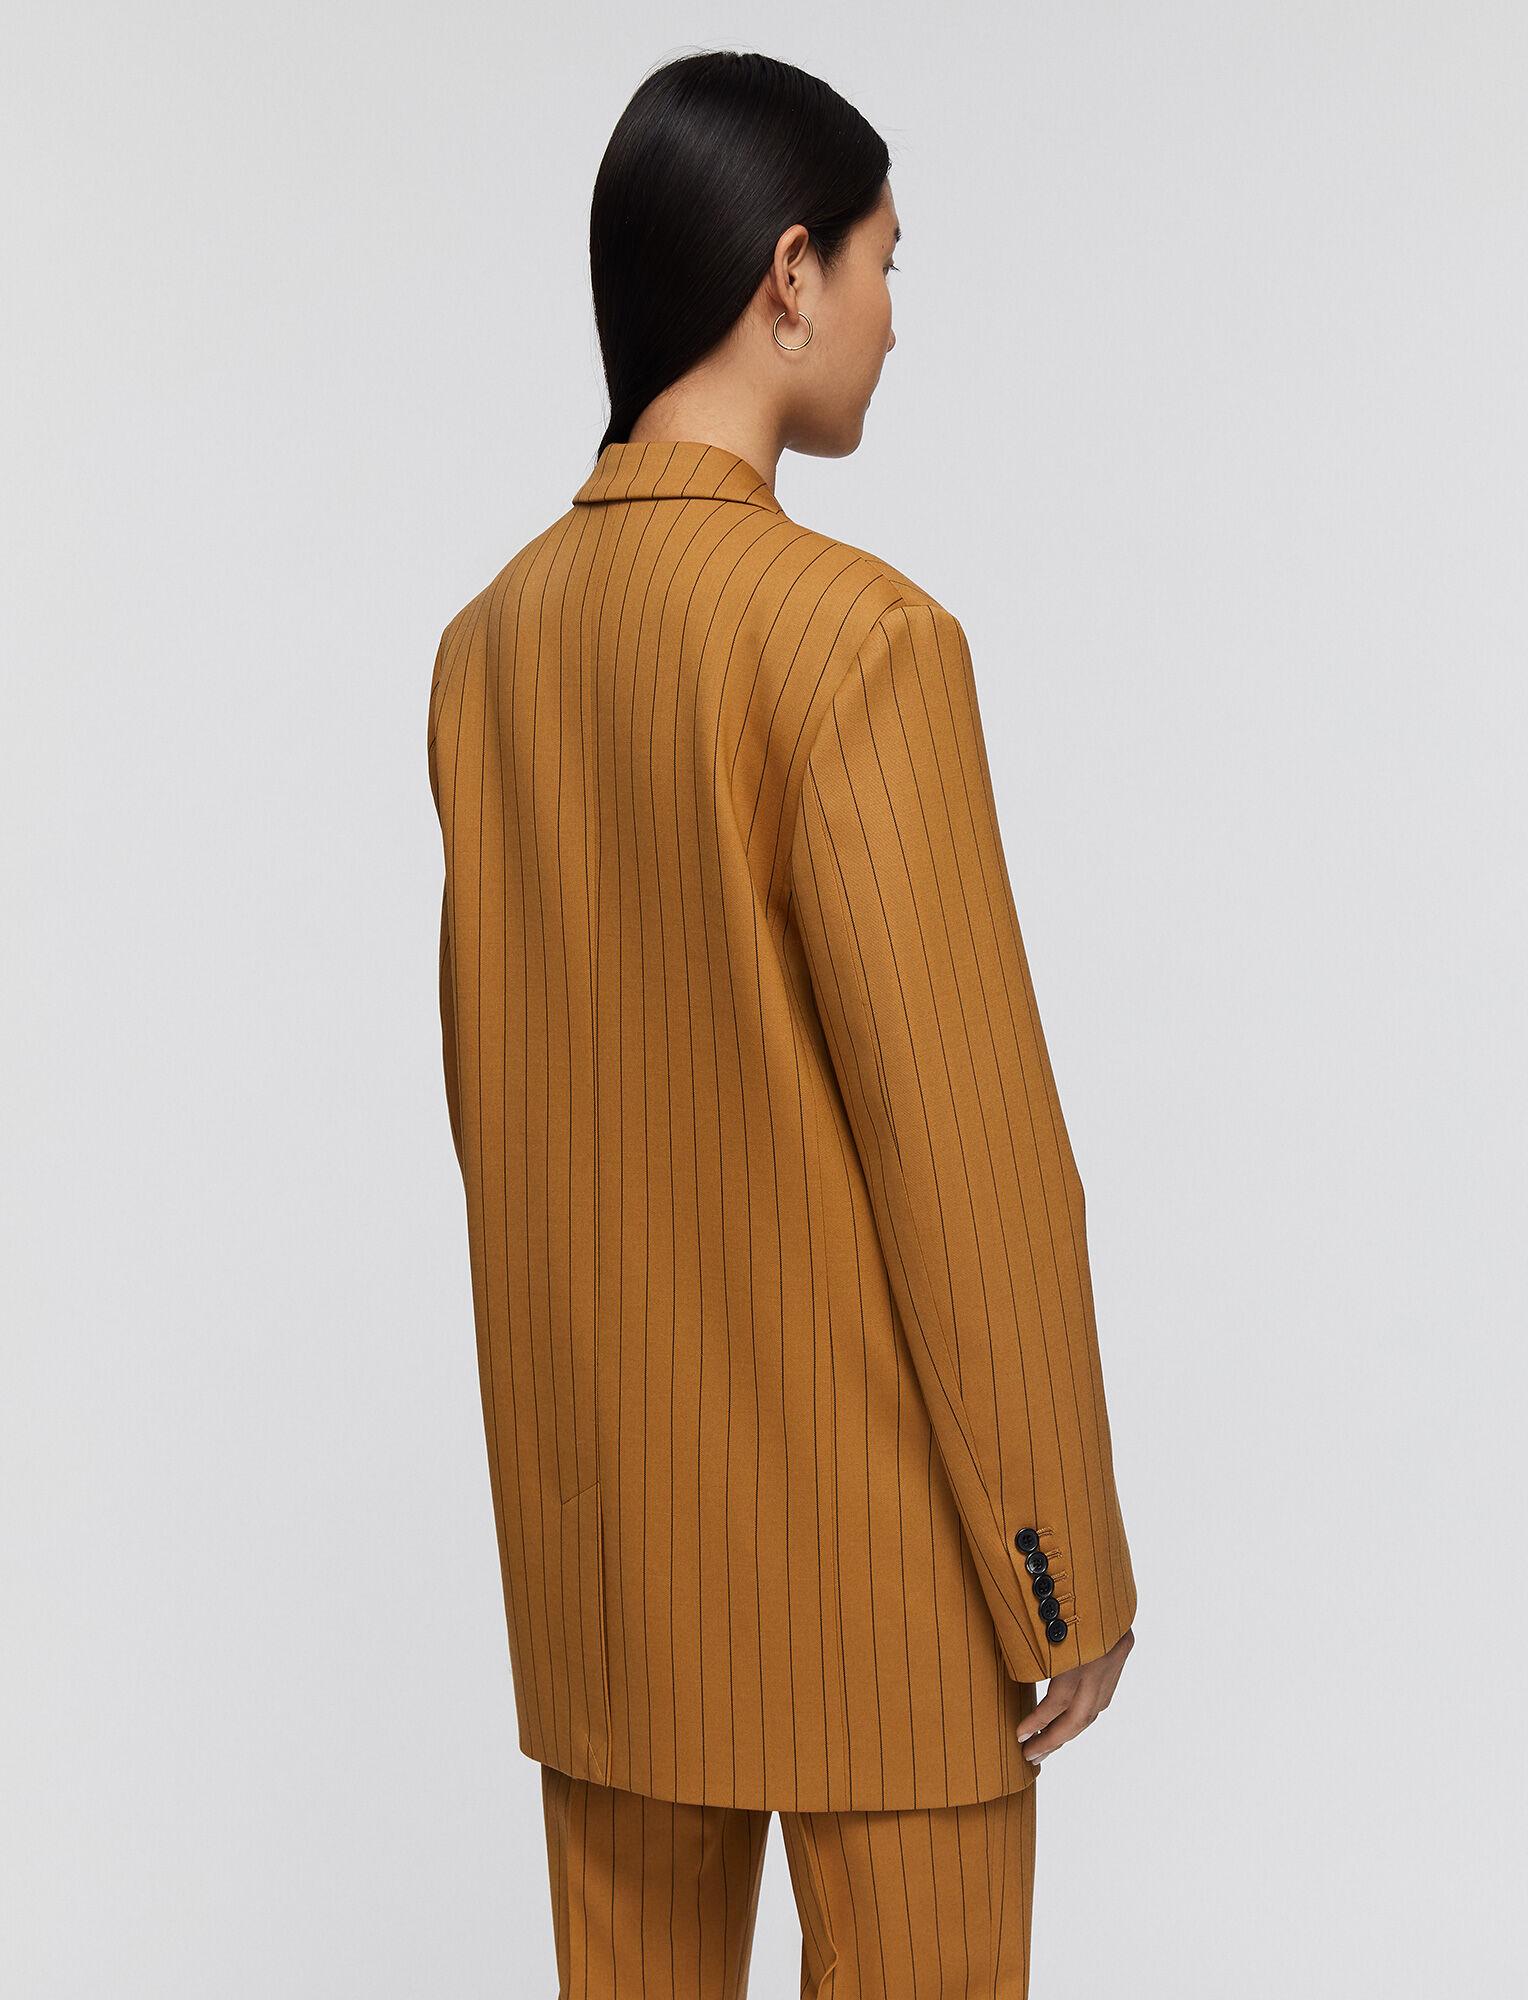 Joseph, Wool Spring Stripe Jules Jacket, in OAK